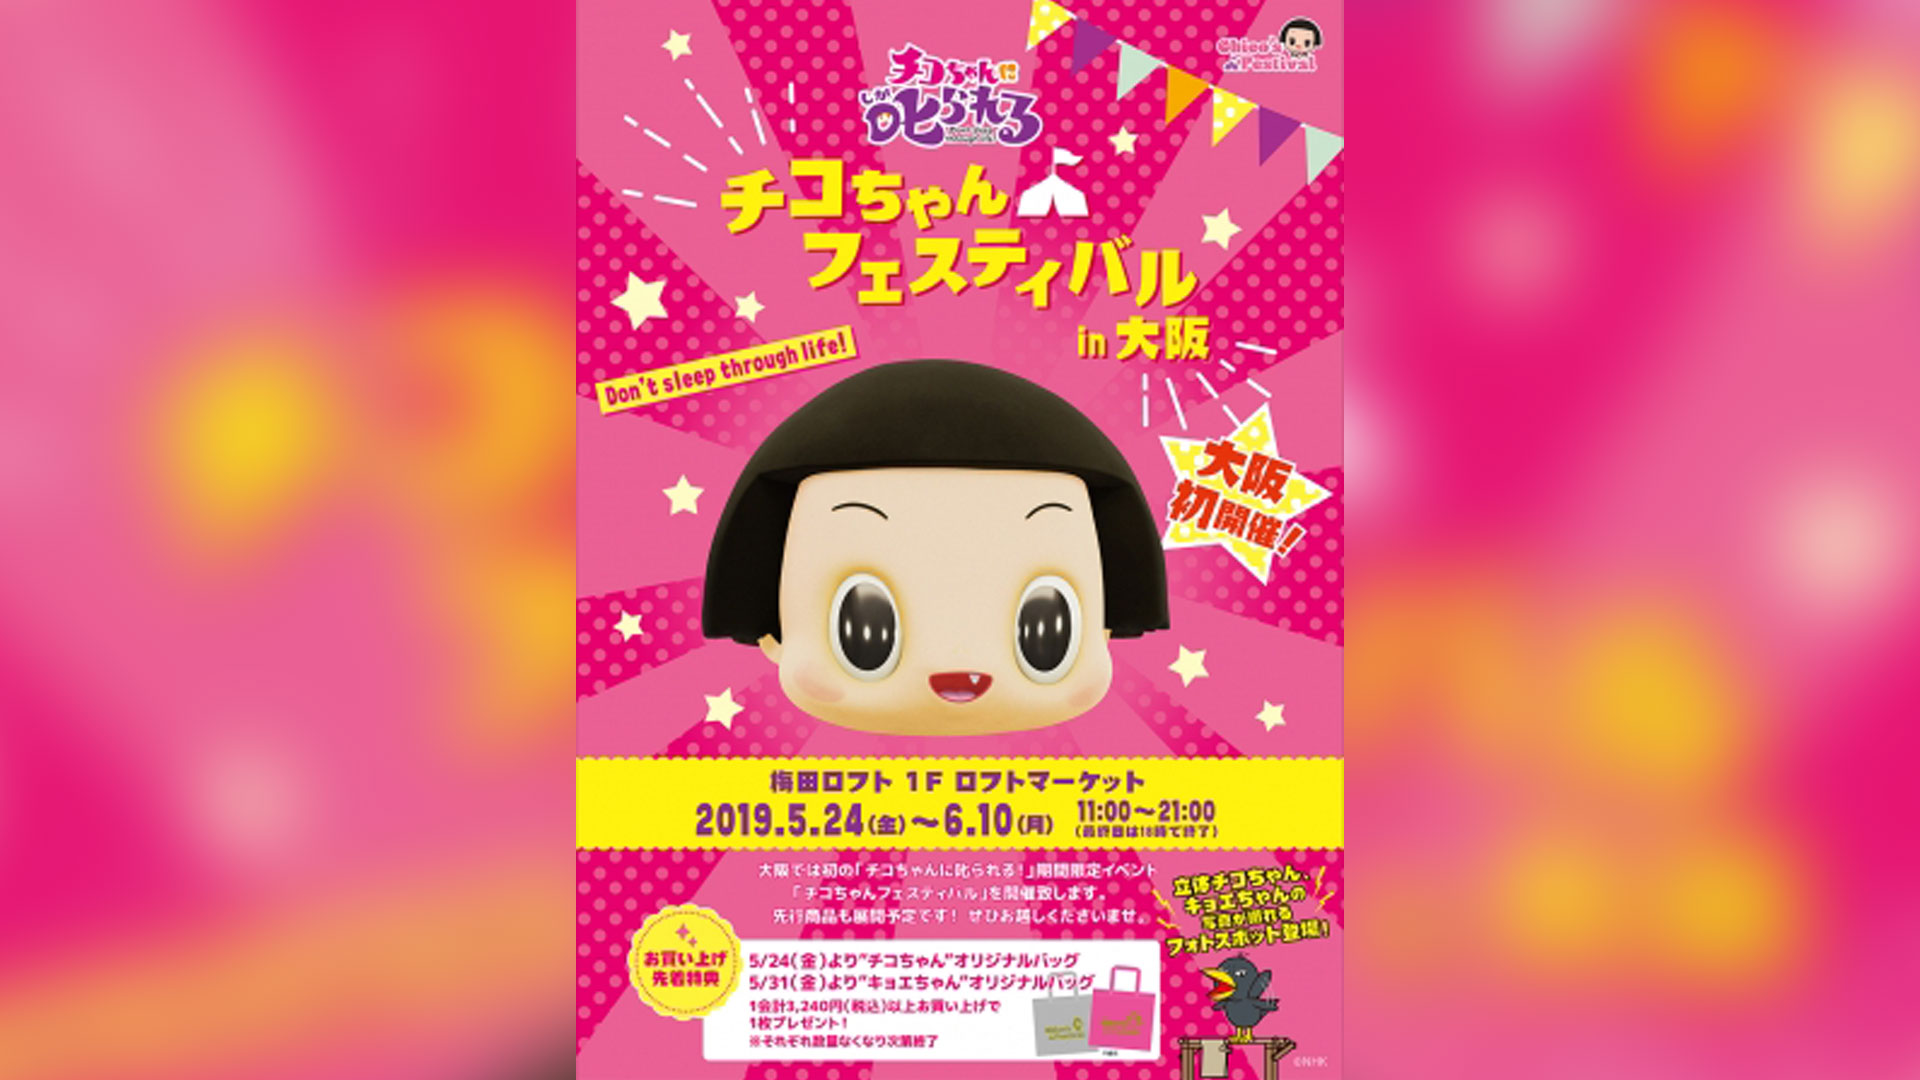 【チコちゃんフェスティバル 東京に続き 大阪で開催】他、新着トレンド3月19日